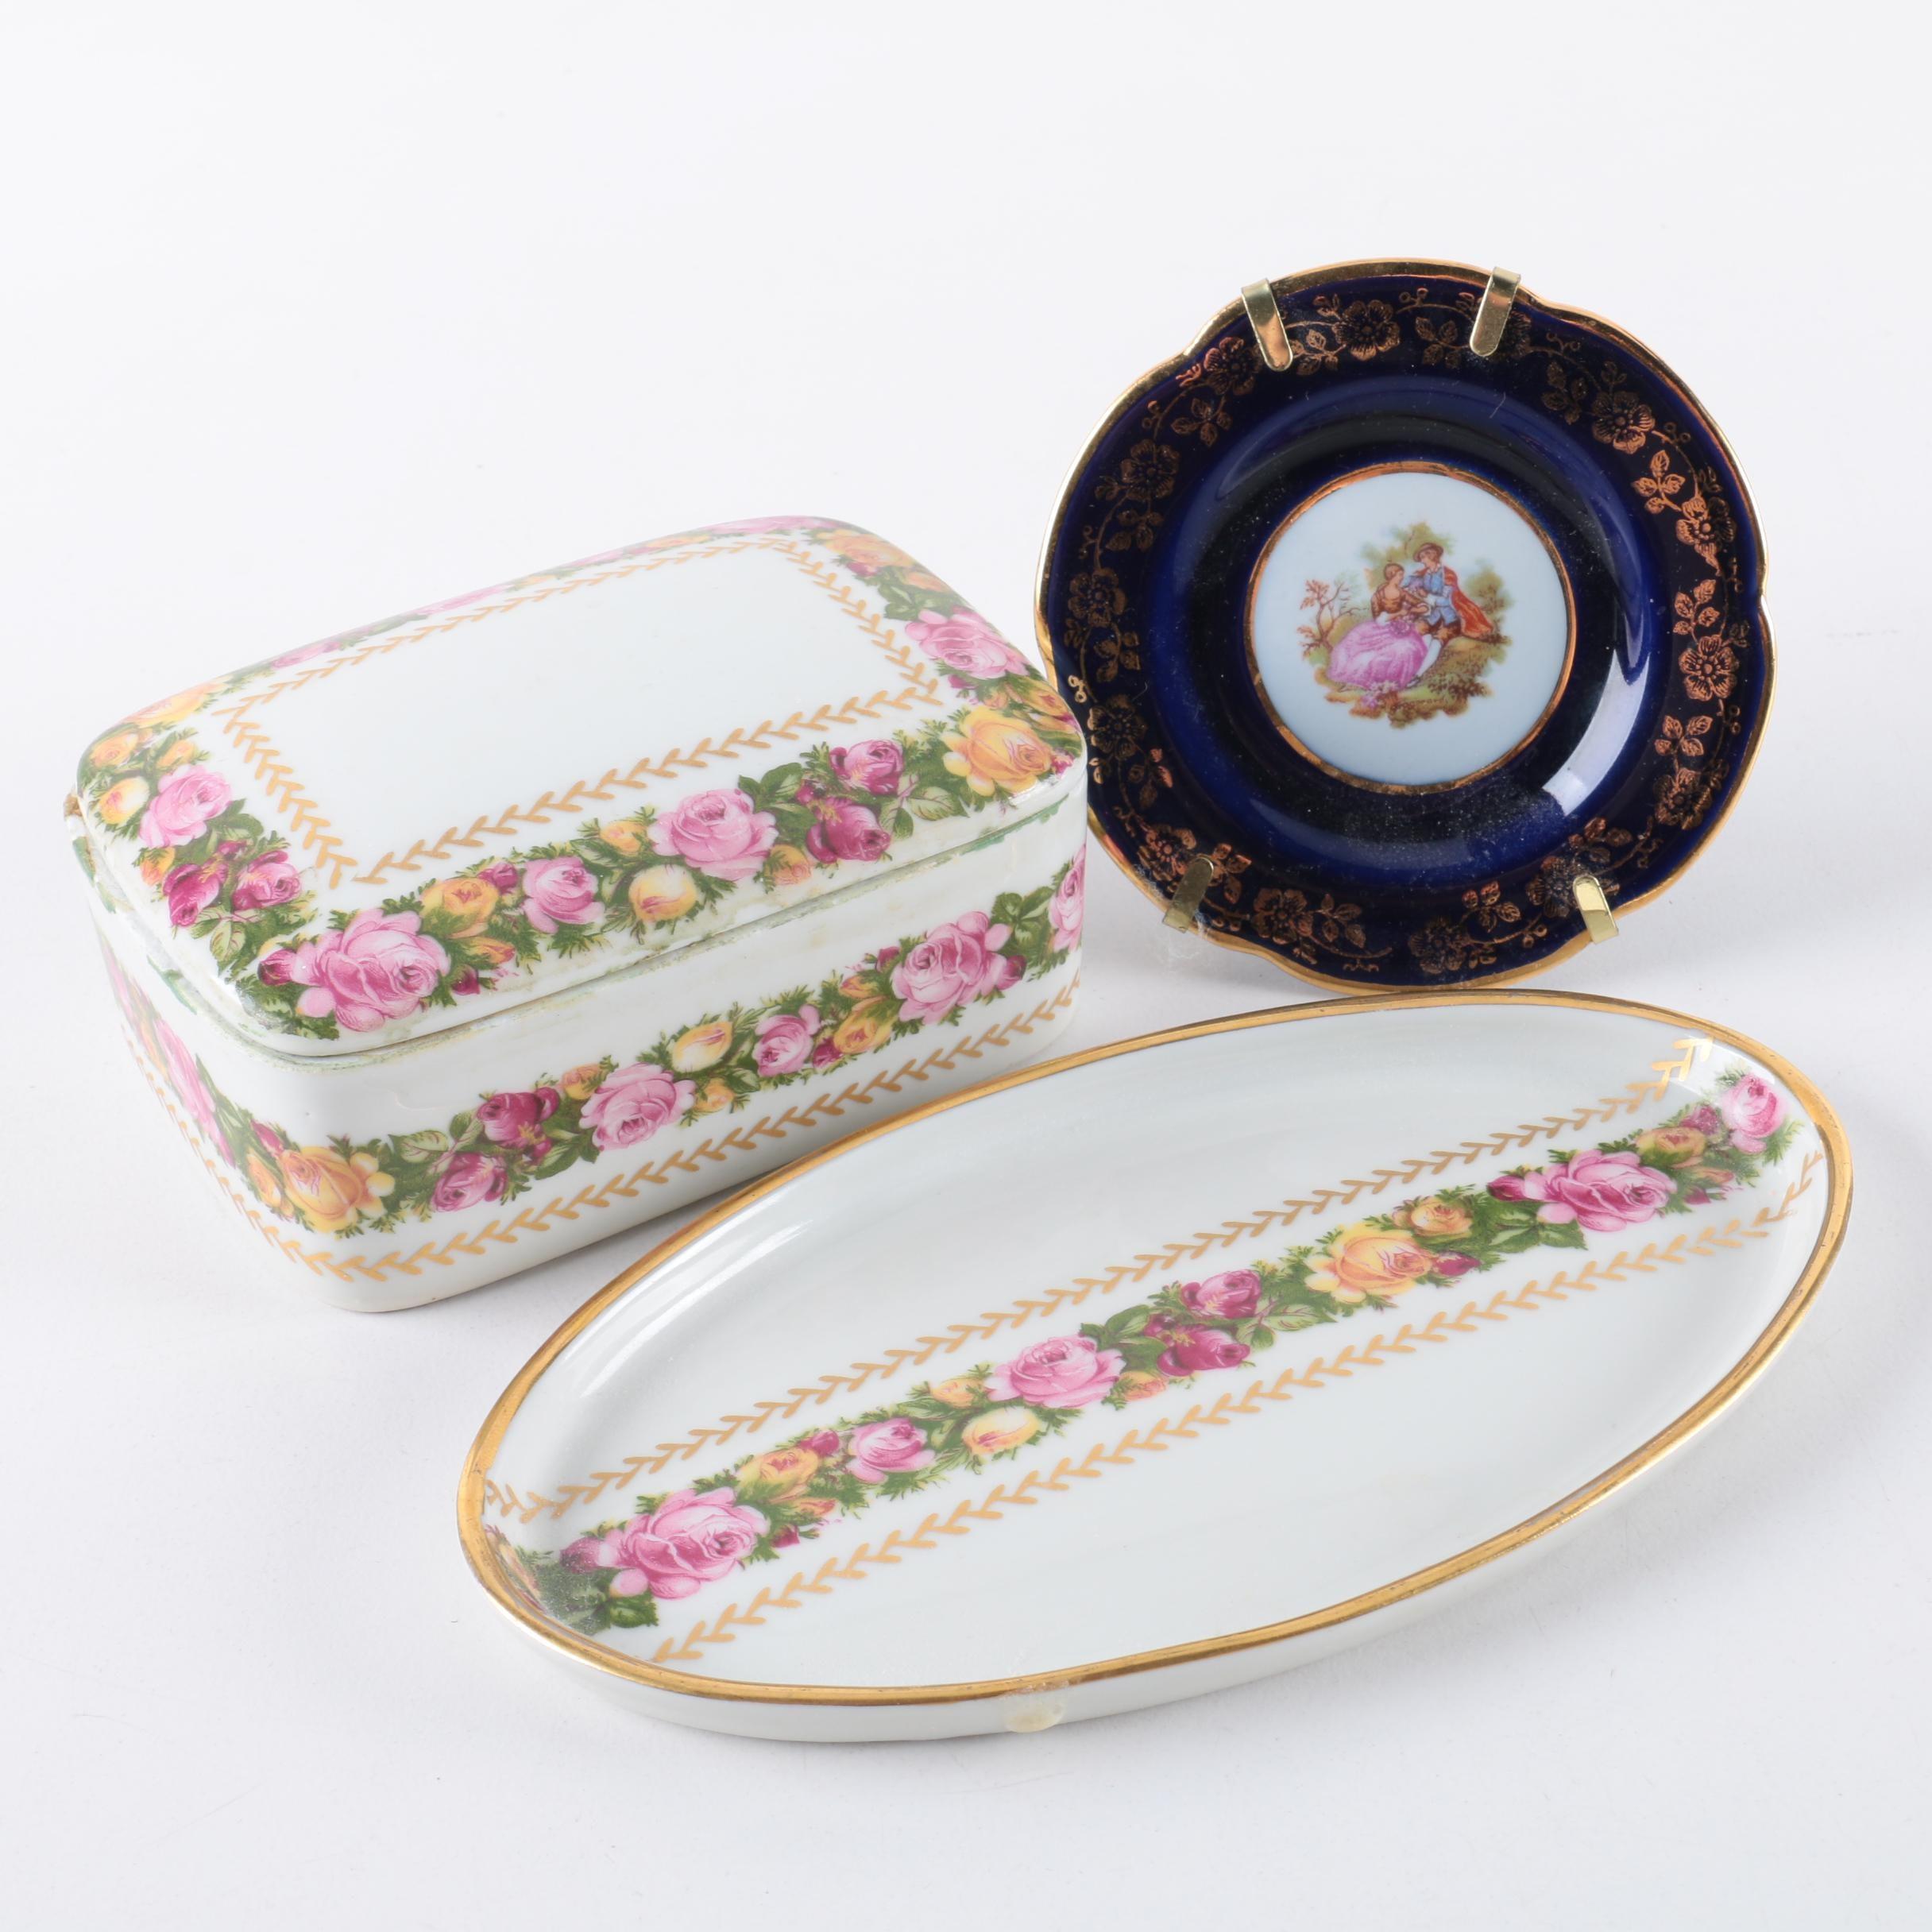 Limoges Porcelain Plates and Trinket Box